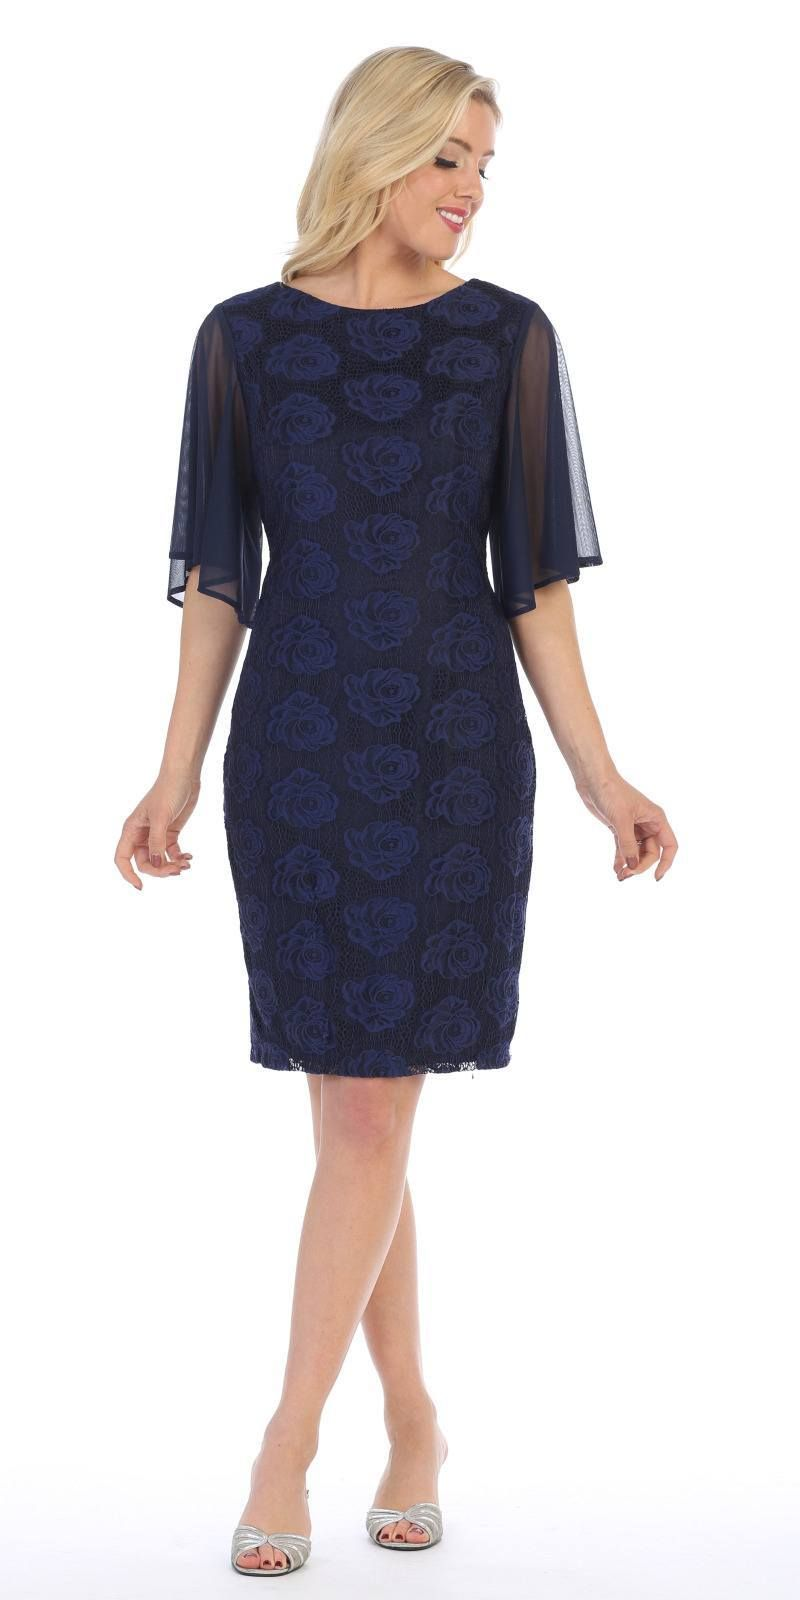 Sheer Flutter Sleeves Wedding Guest Dress Navy Blue Wedding Guest Dress Long Sleeve Cotton Dress Short Lace Dress [ 1600 x 800 Pixel ]